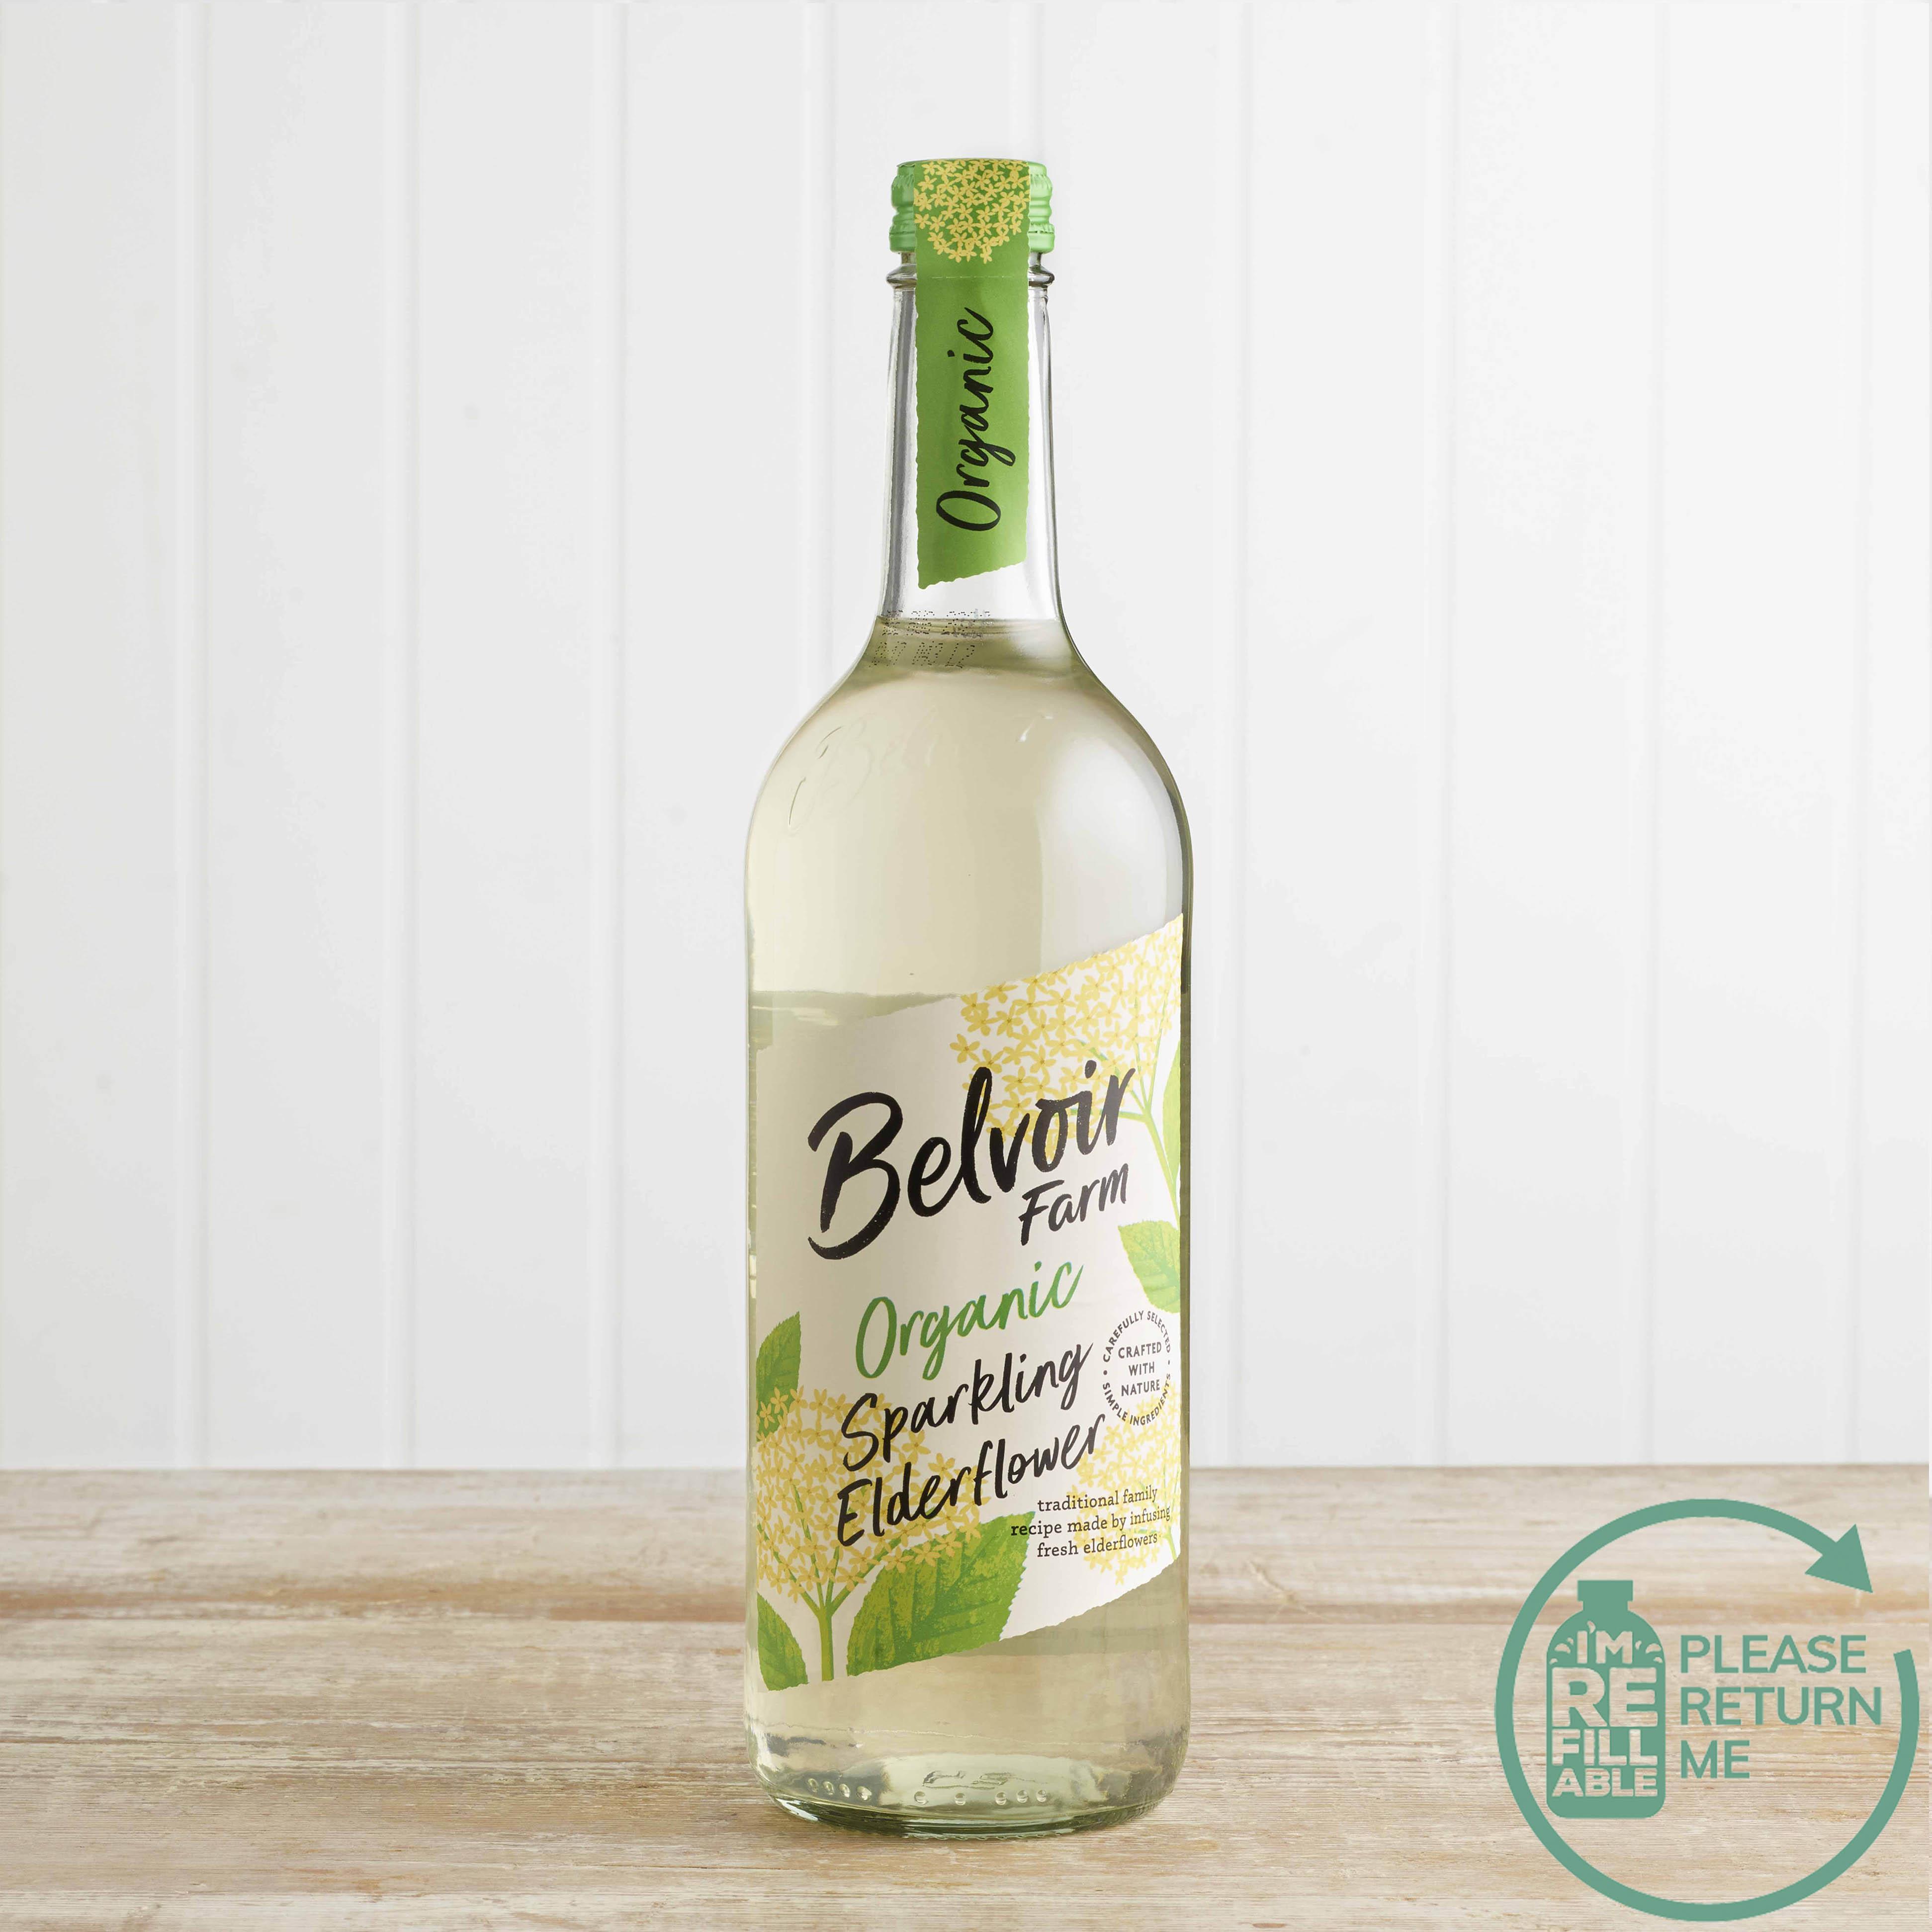 Belvoir Organic Elderflower Presse in Glass, 750ml